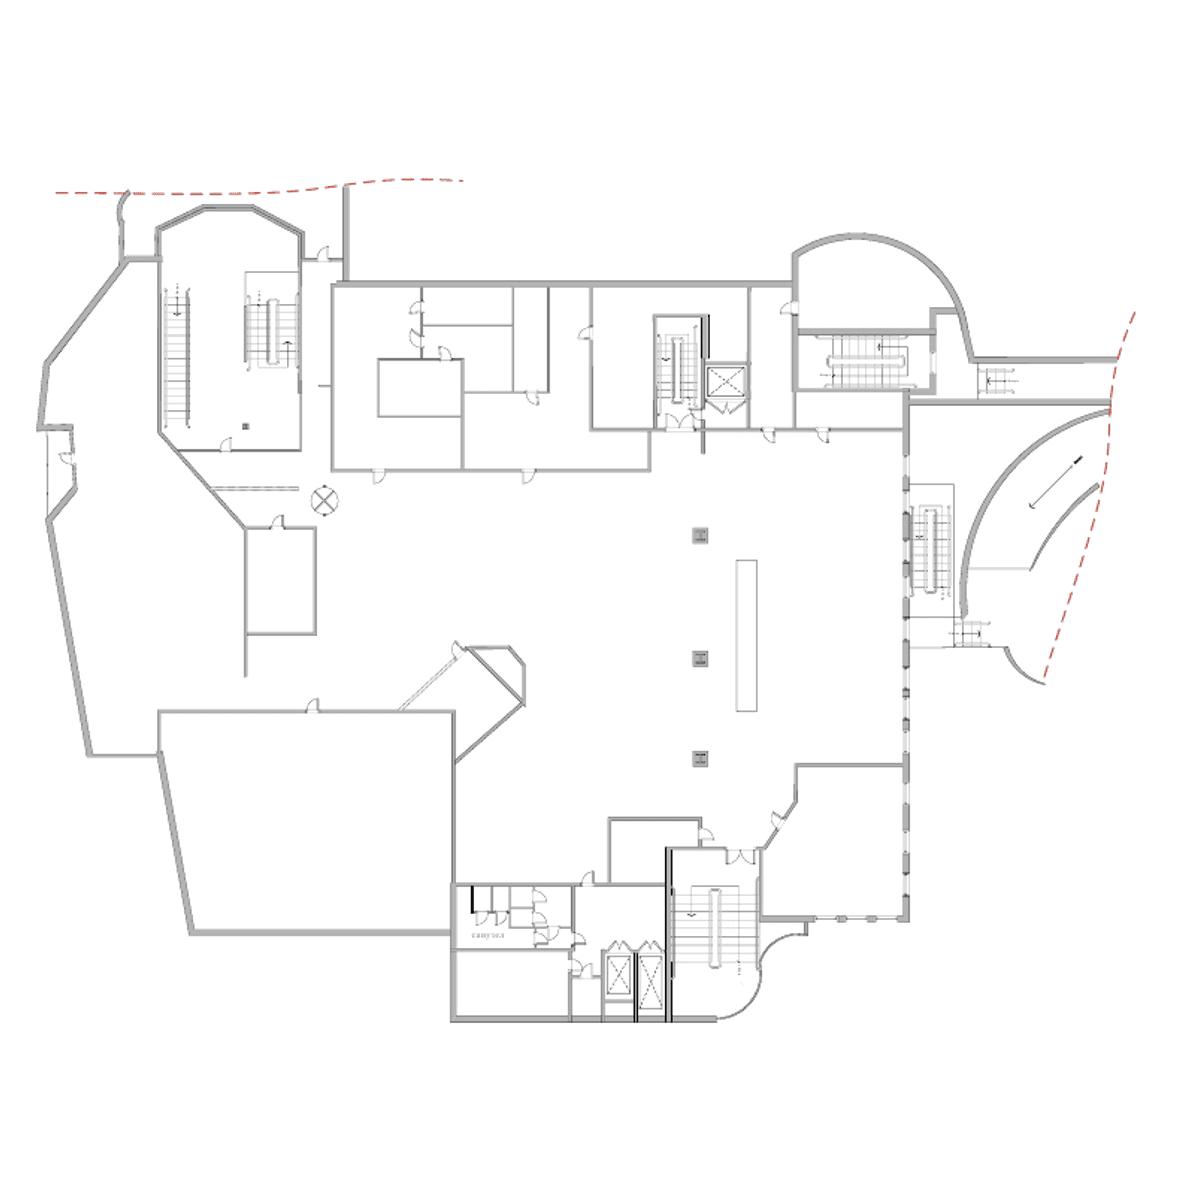 аренда помещения 2 этаж Галерея Тамбов